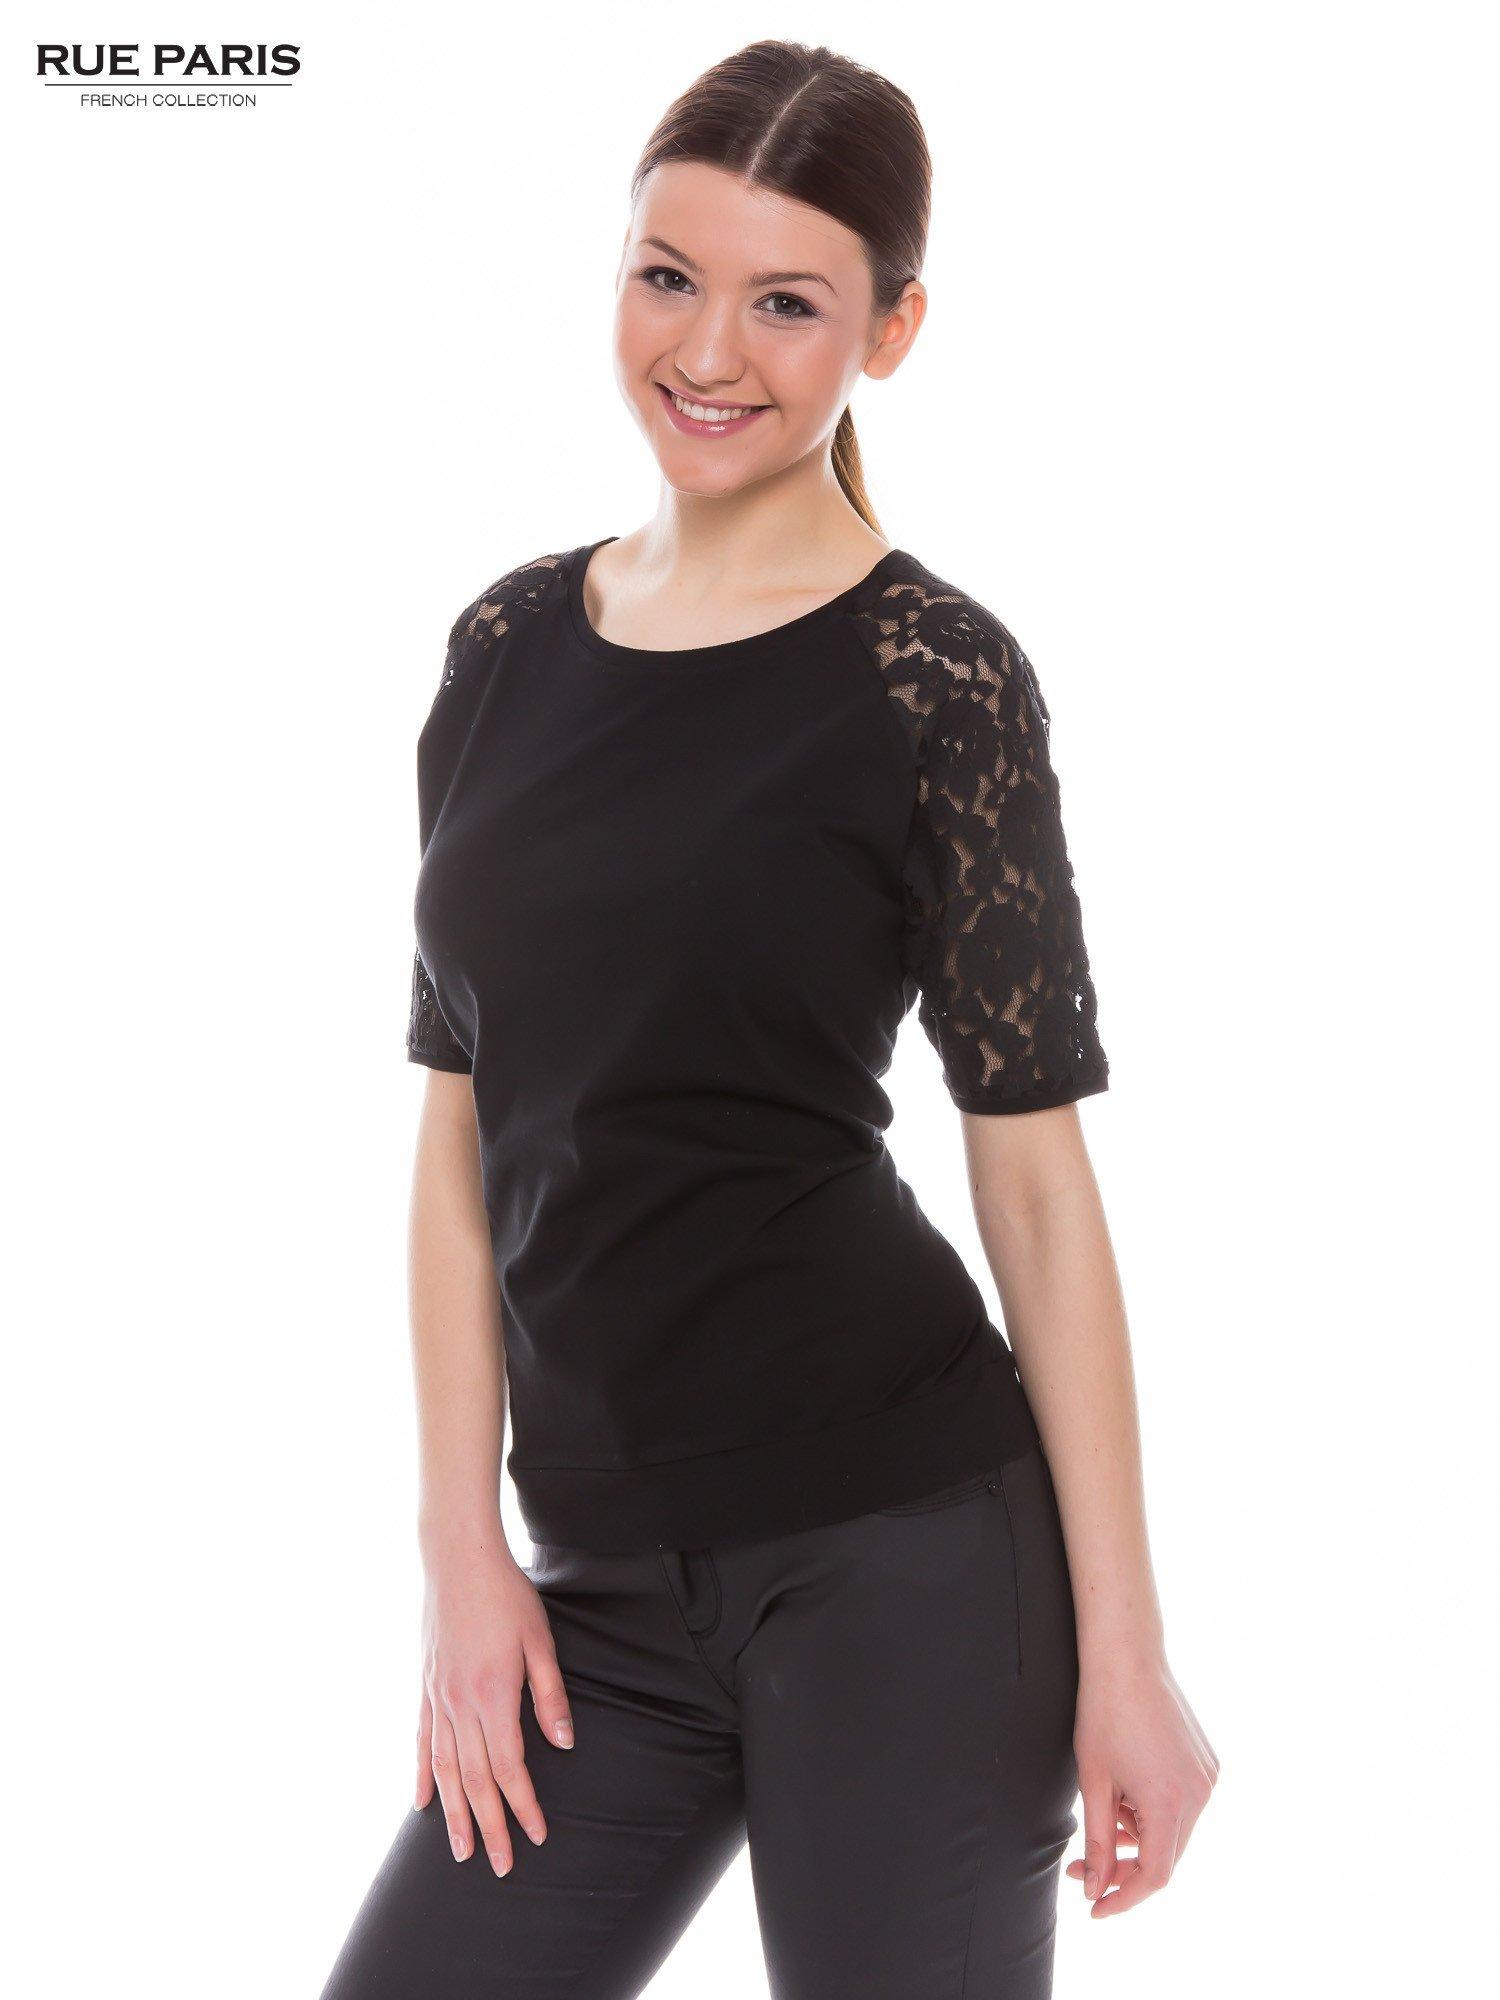 Czarny t-shirt z koronkowymi rękawami długości 3/4                                  zdj.                                  3